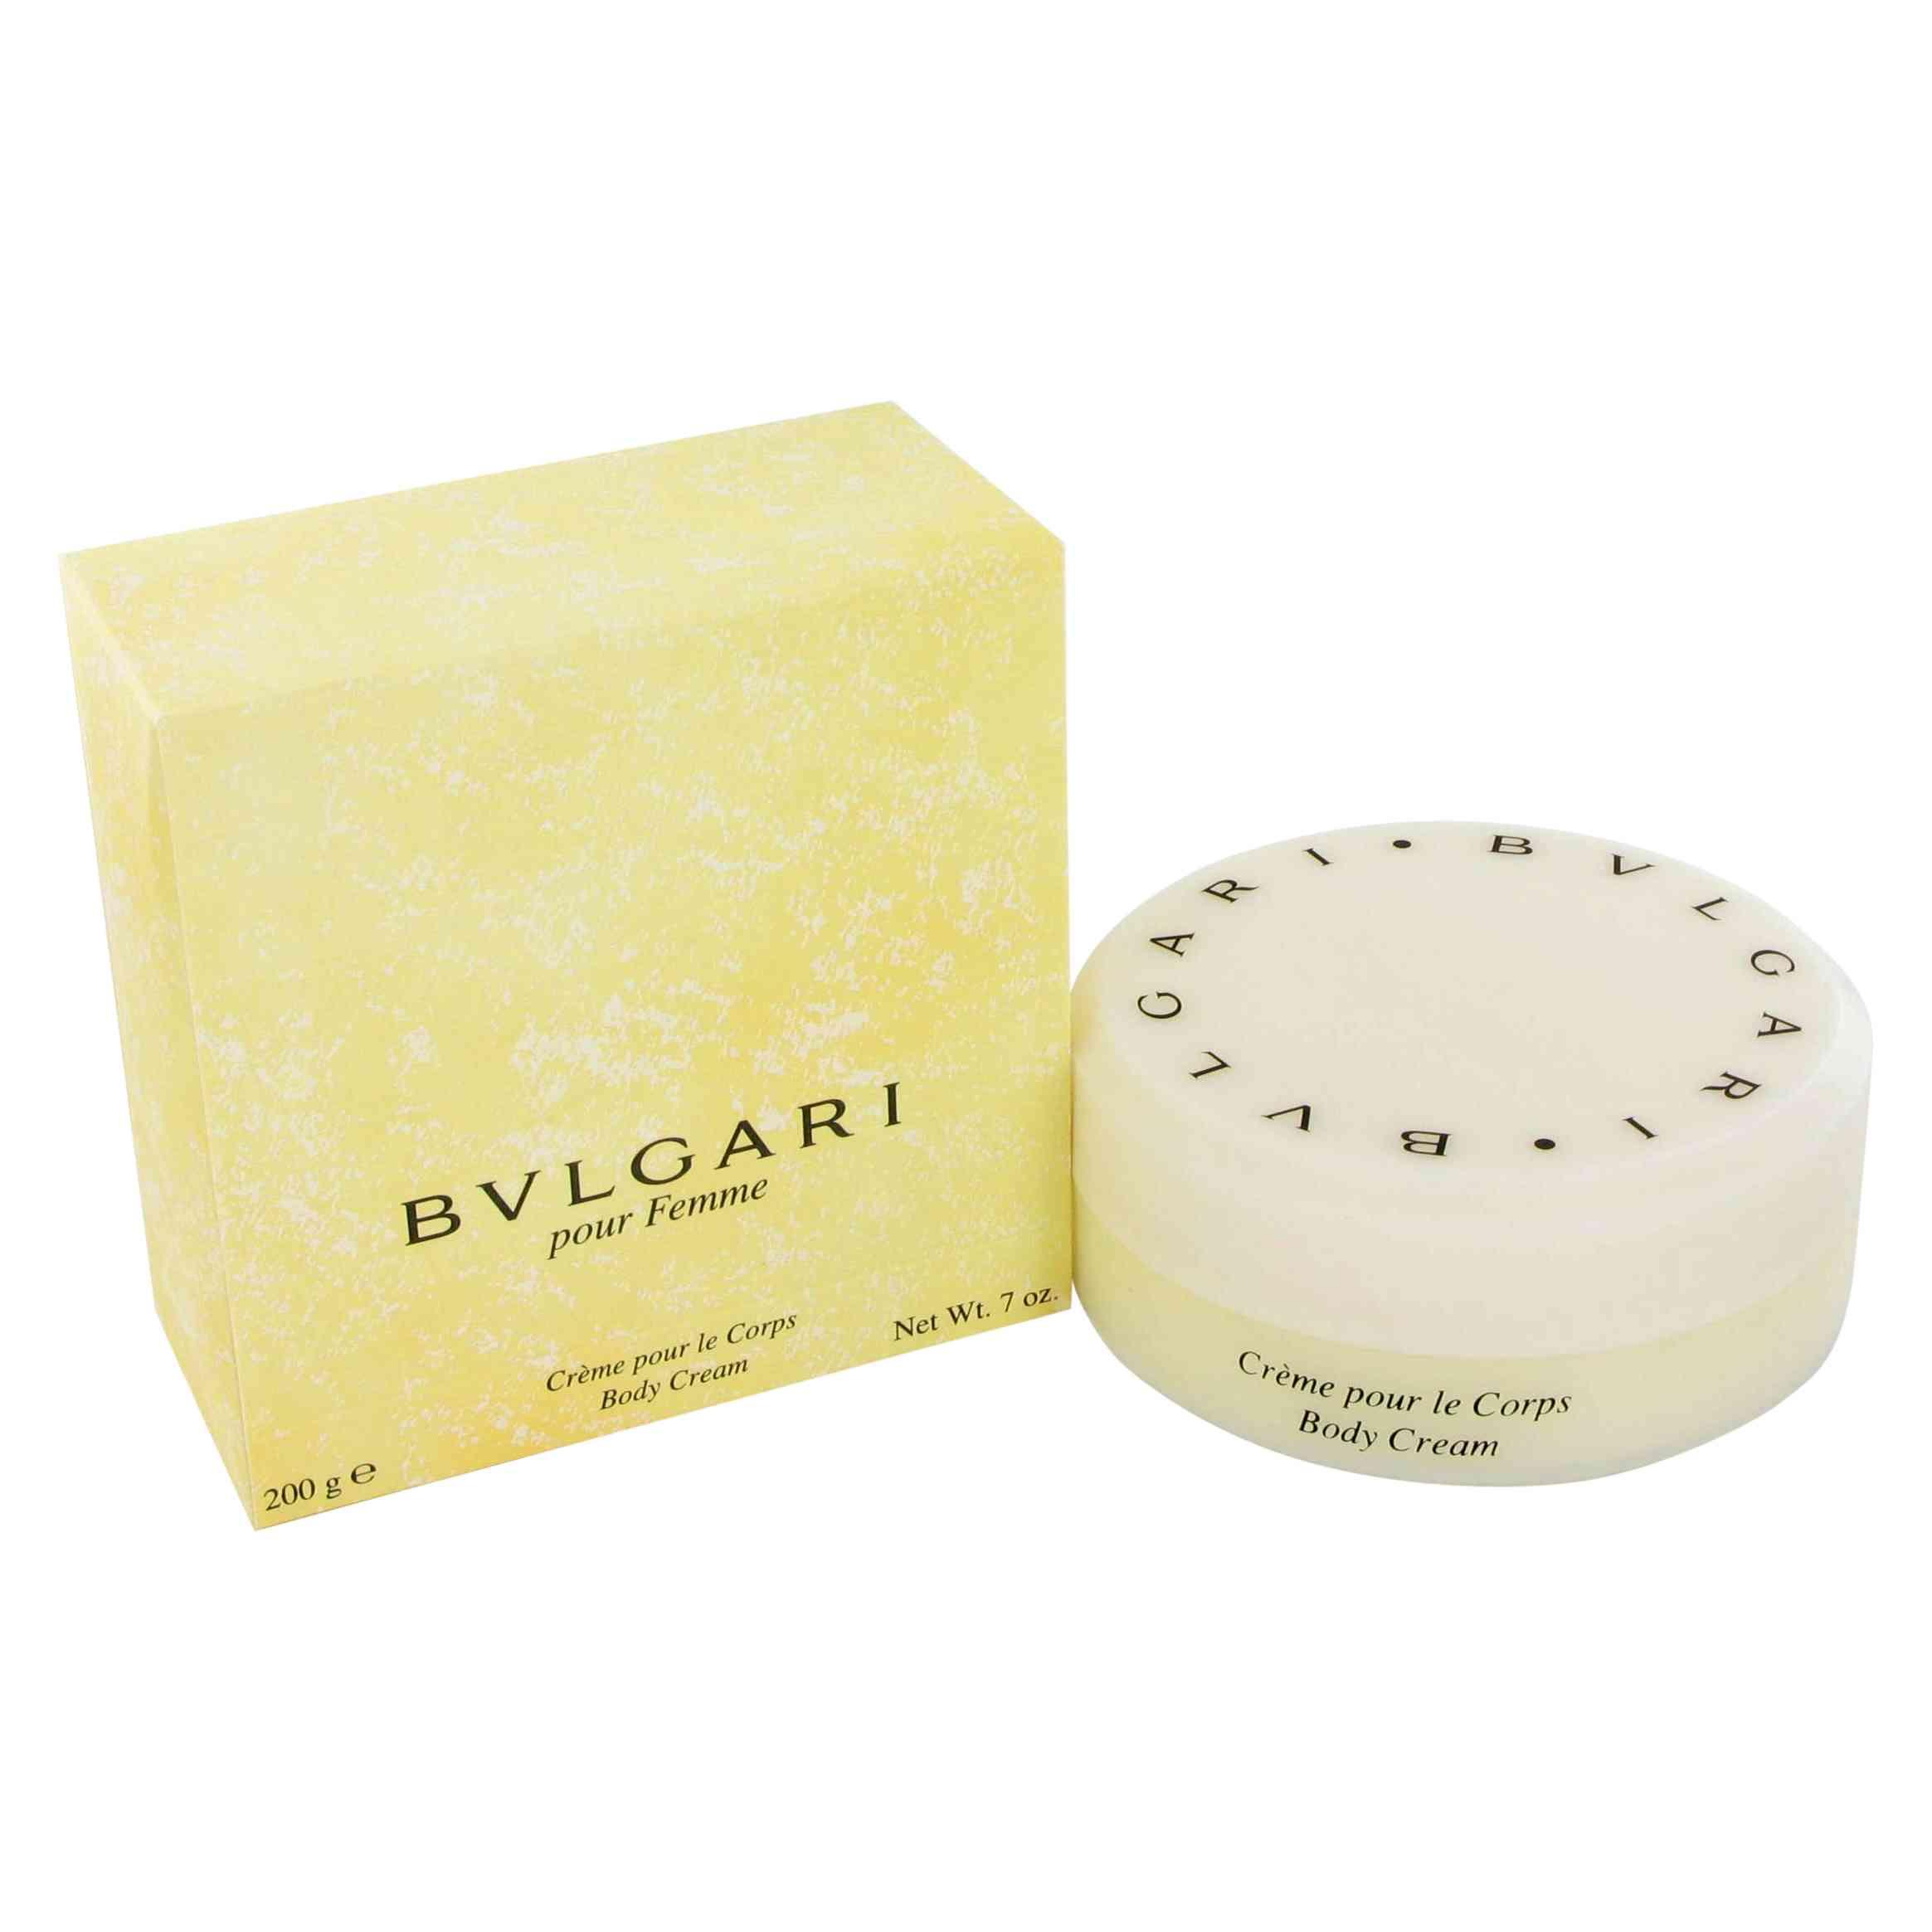 Body Cream by Bulgari 9beb48109e4